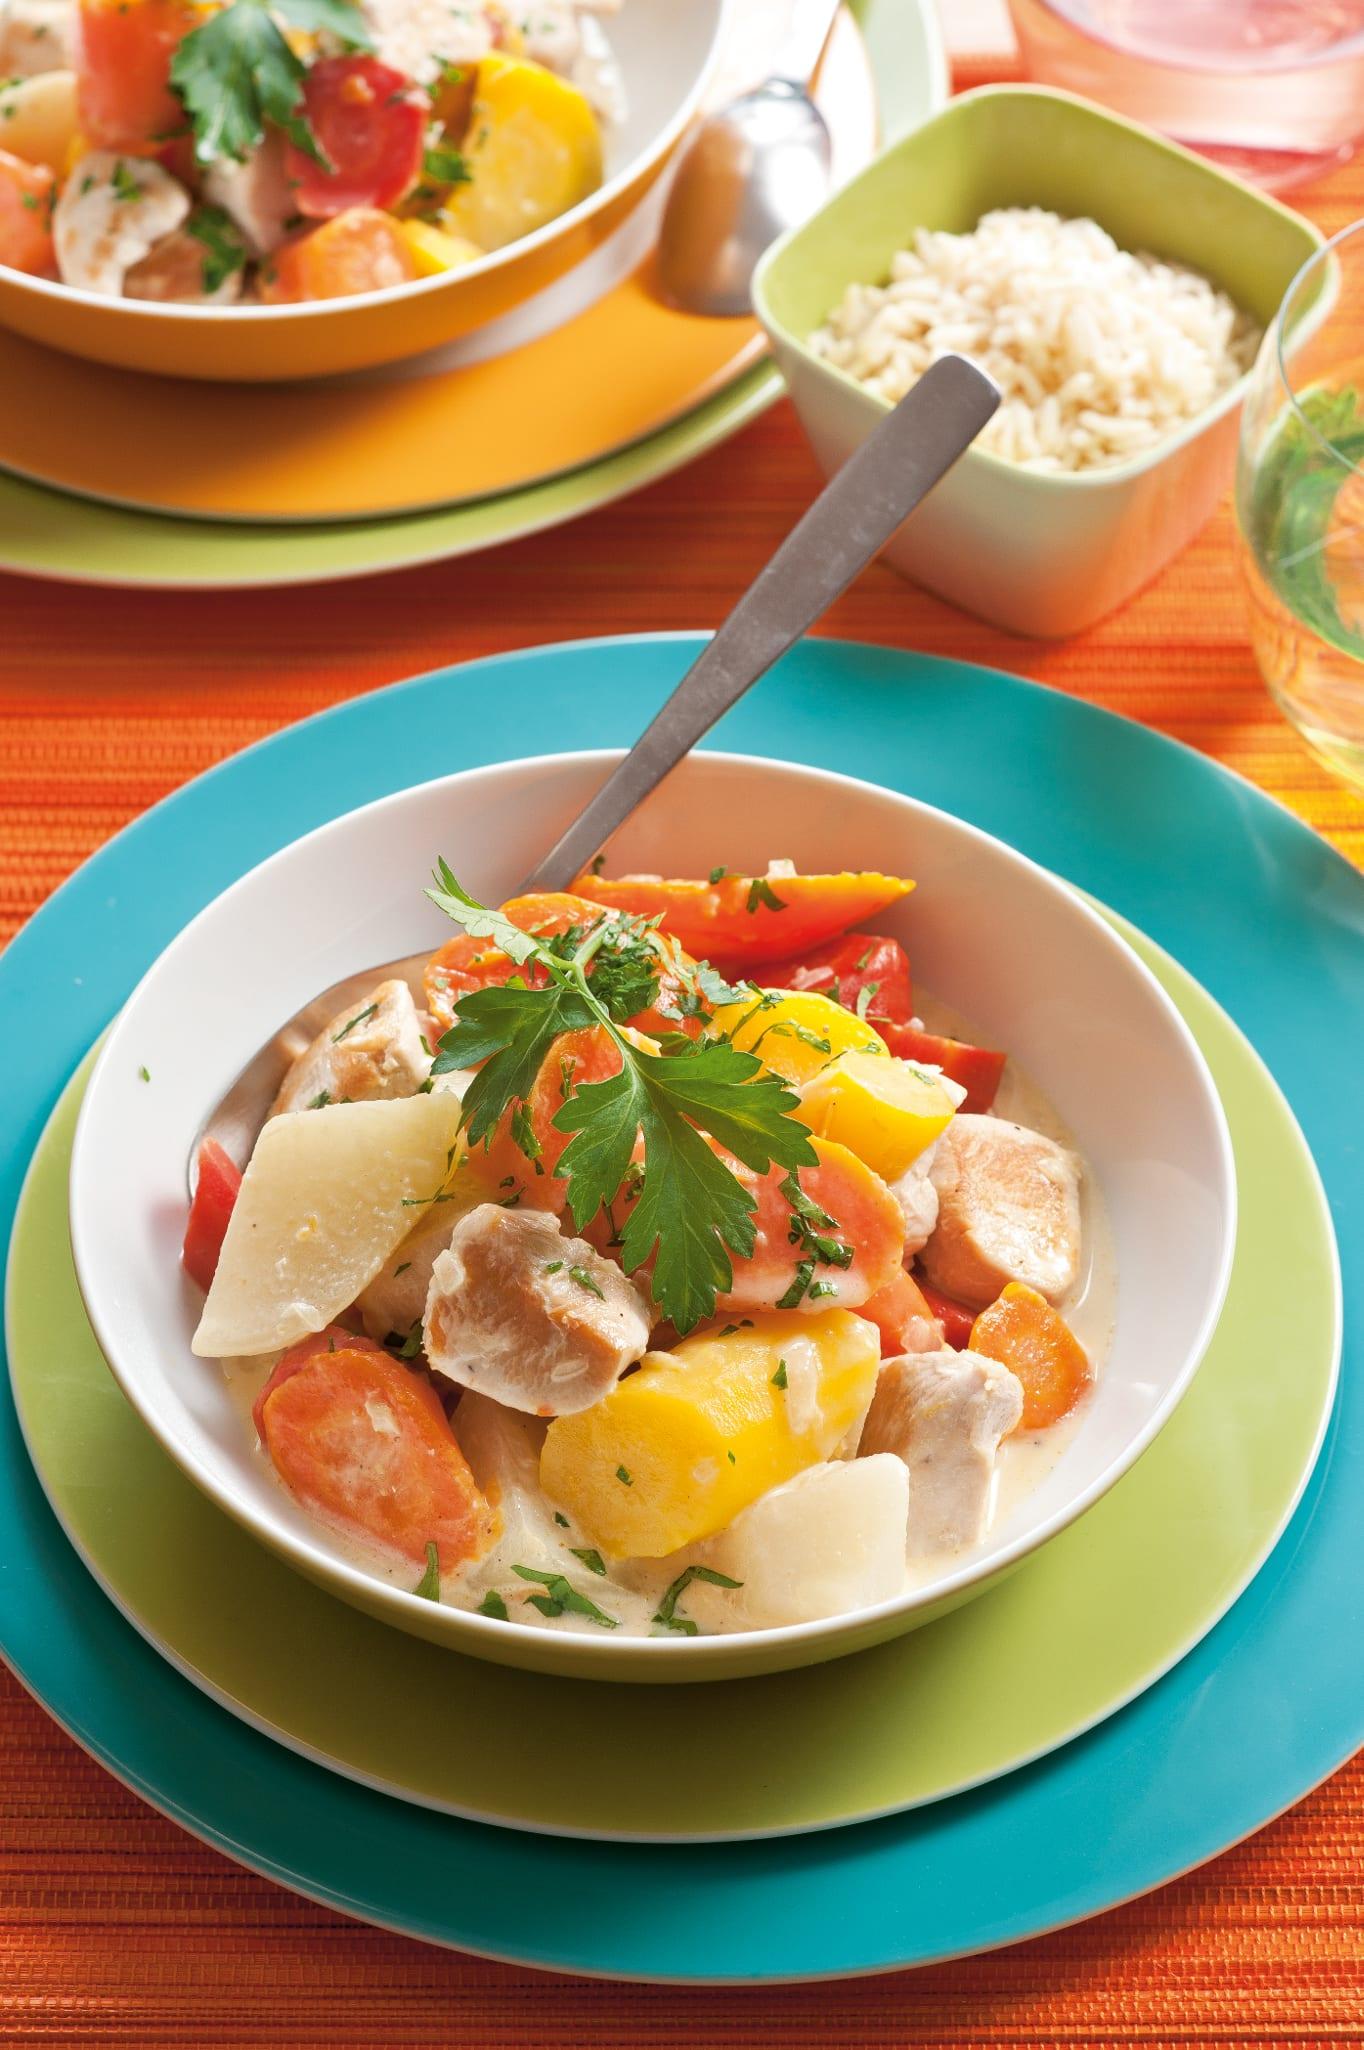 Ragoût de poulet aux carottes